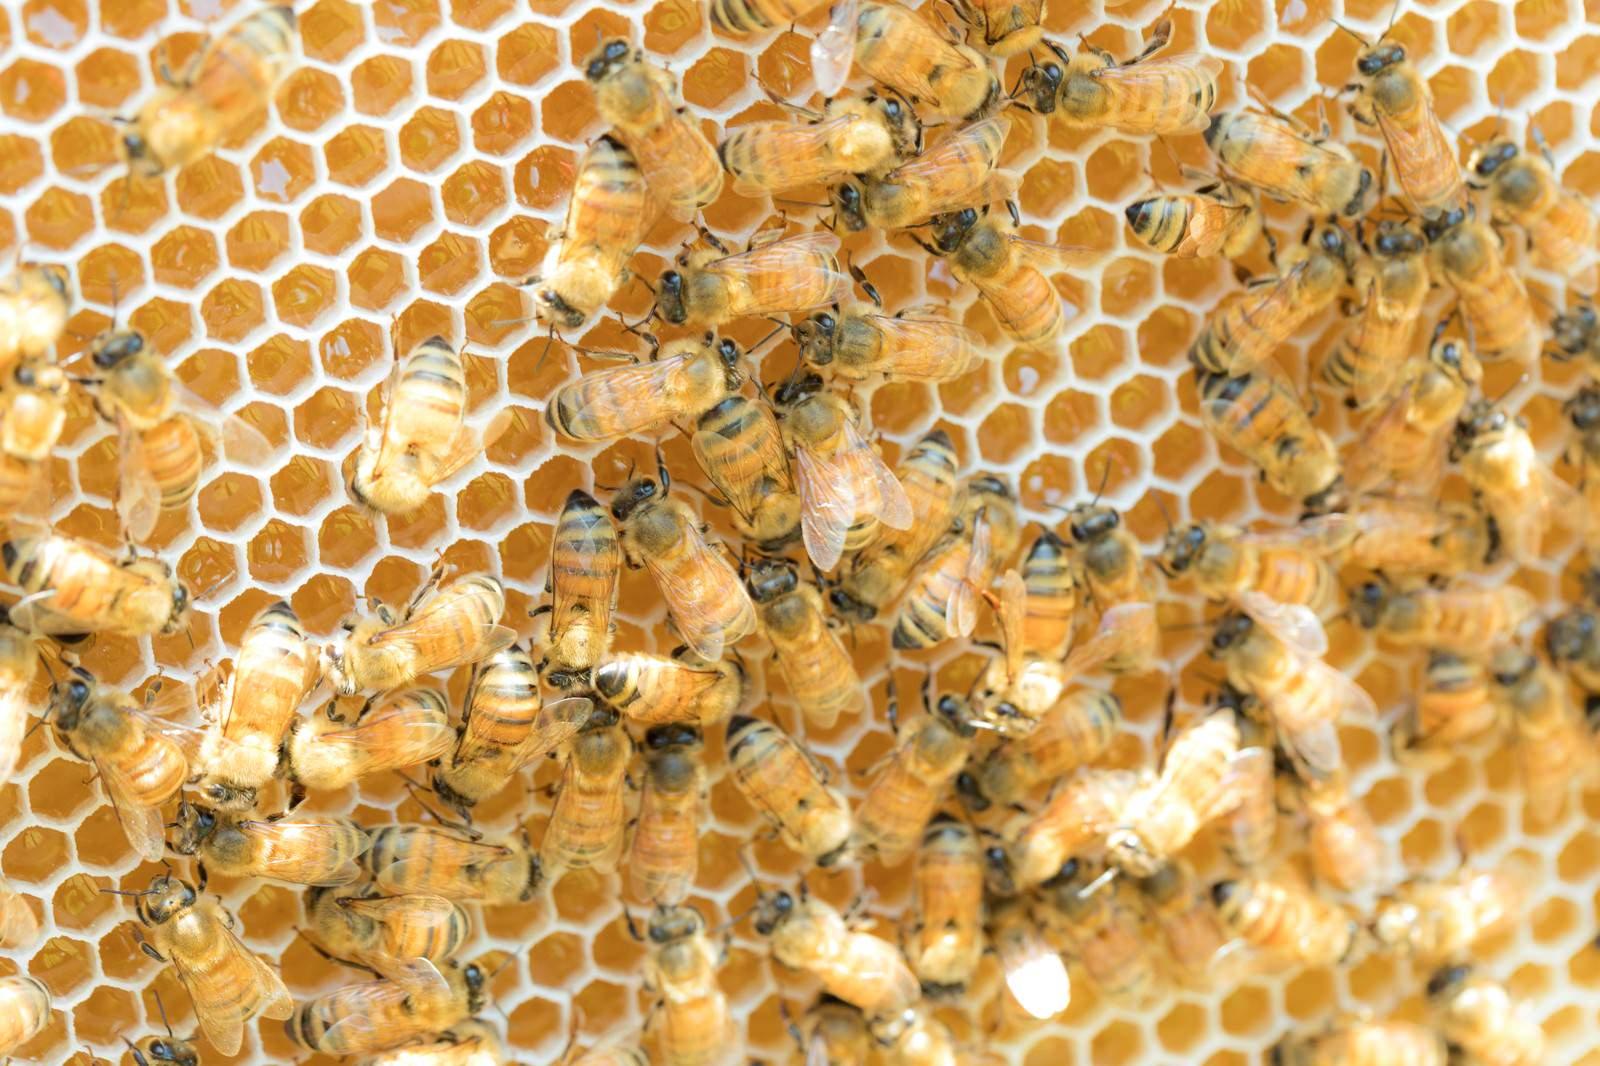 「新しい巣に蜜を貯めていくミツバチの群れ」の写真